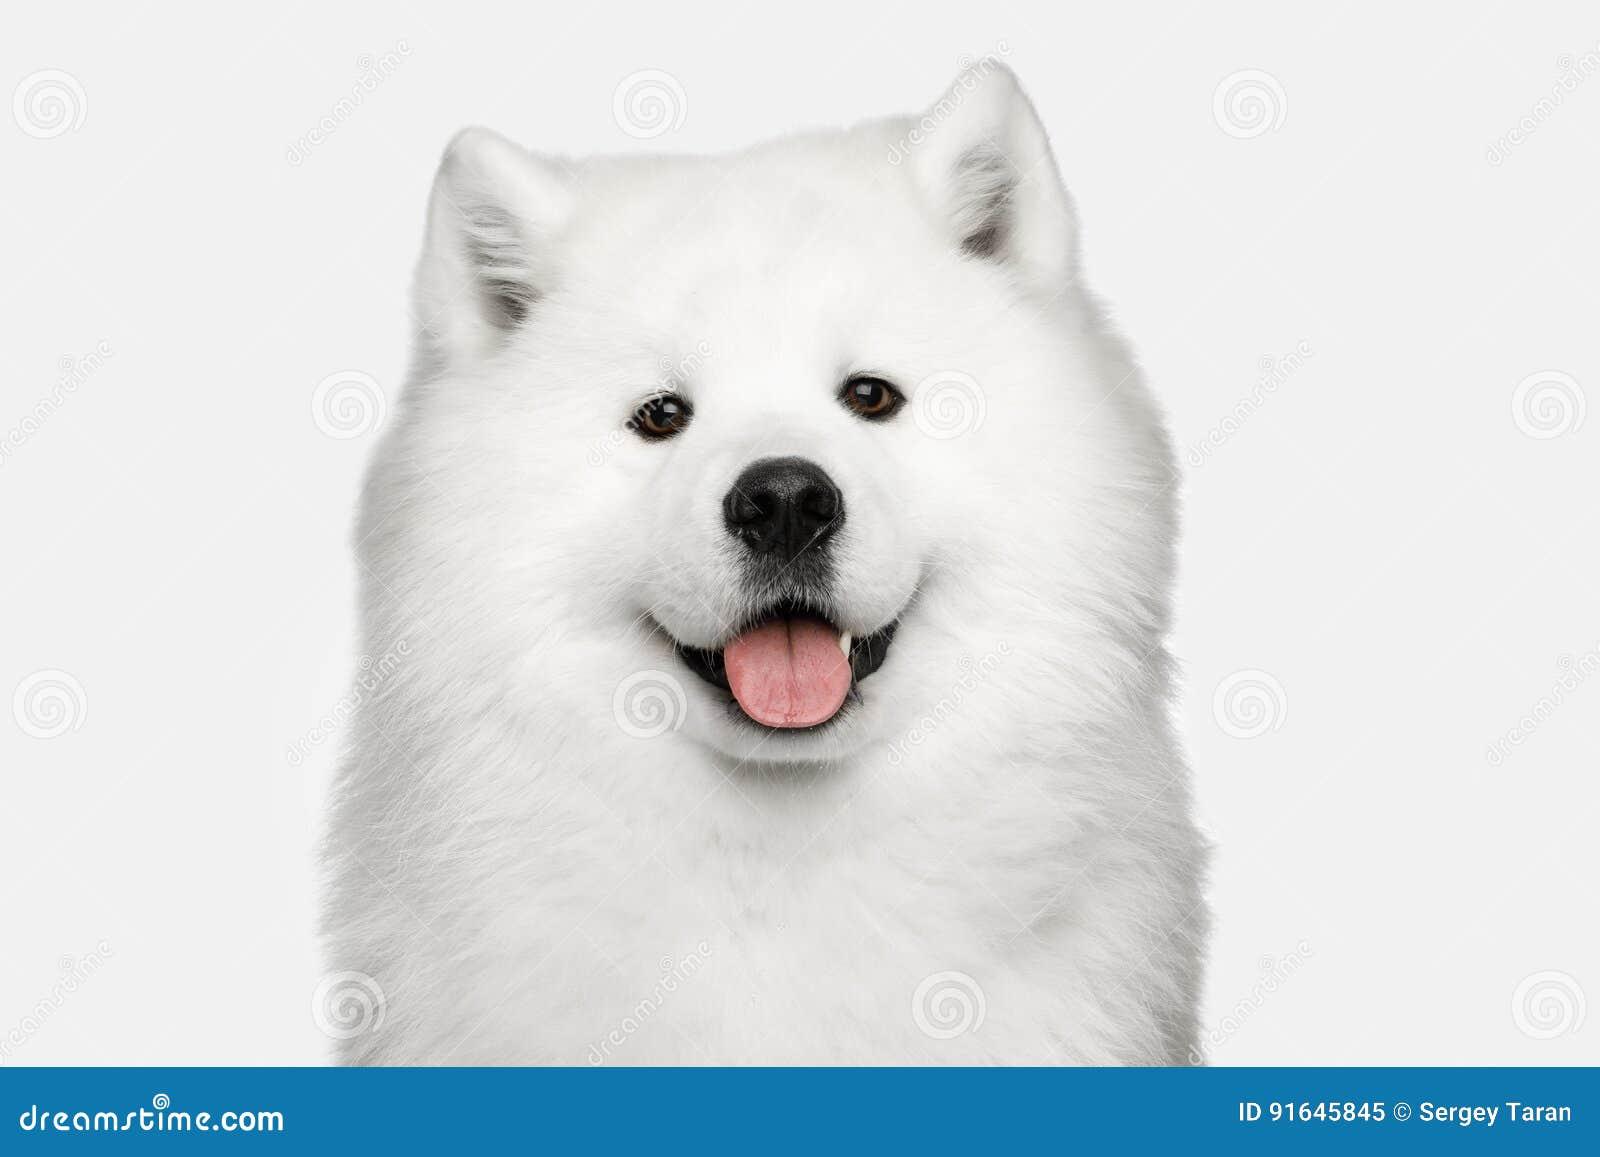 Samoyed Dog Isolated On White Background Stock Image Image Of